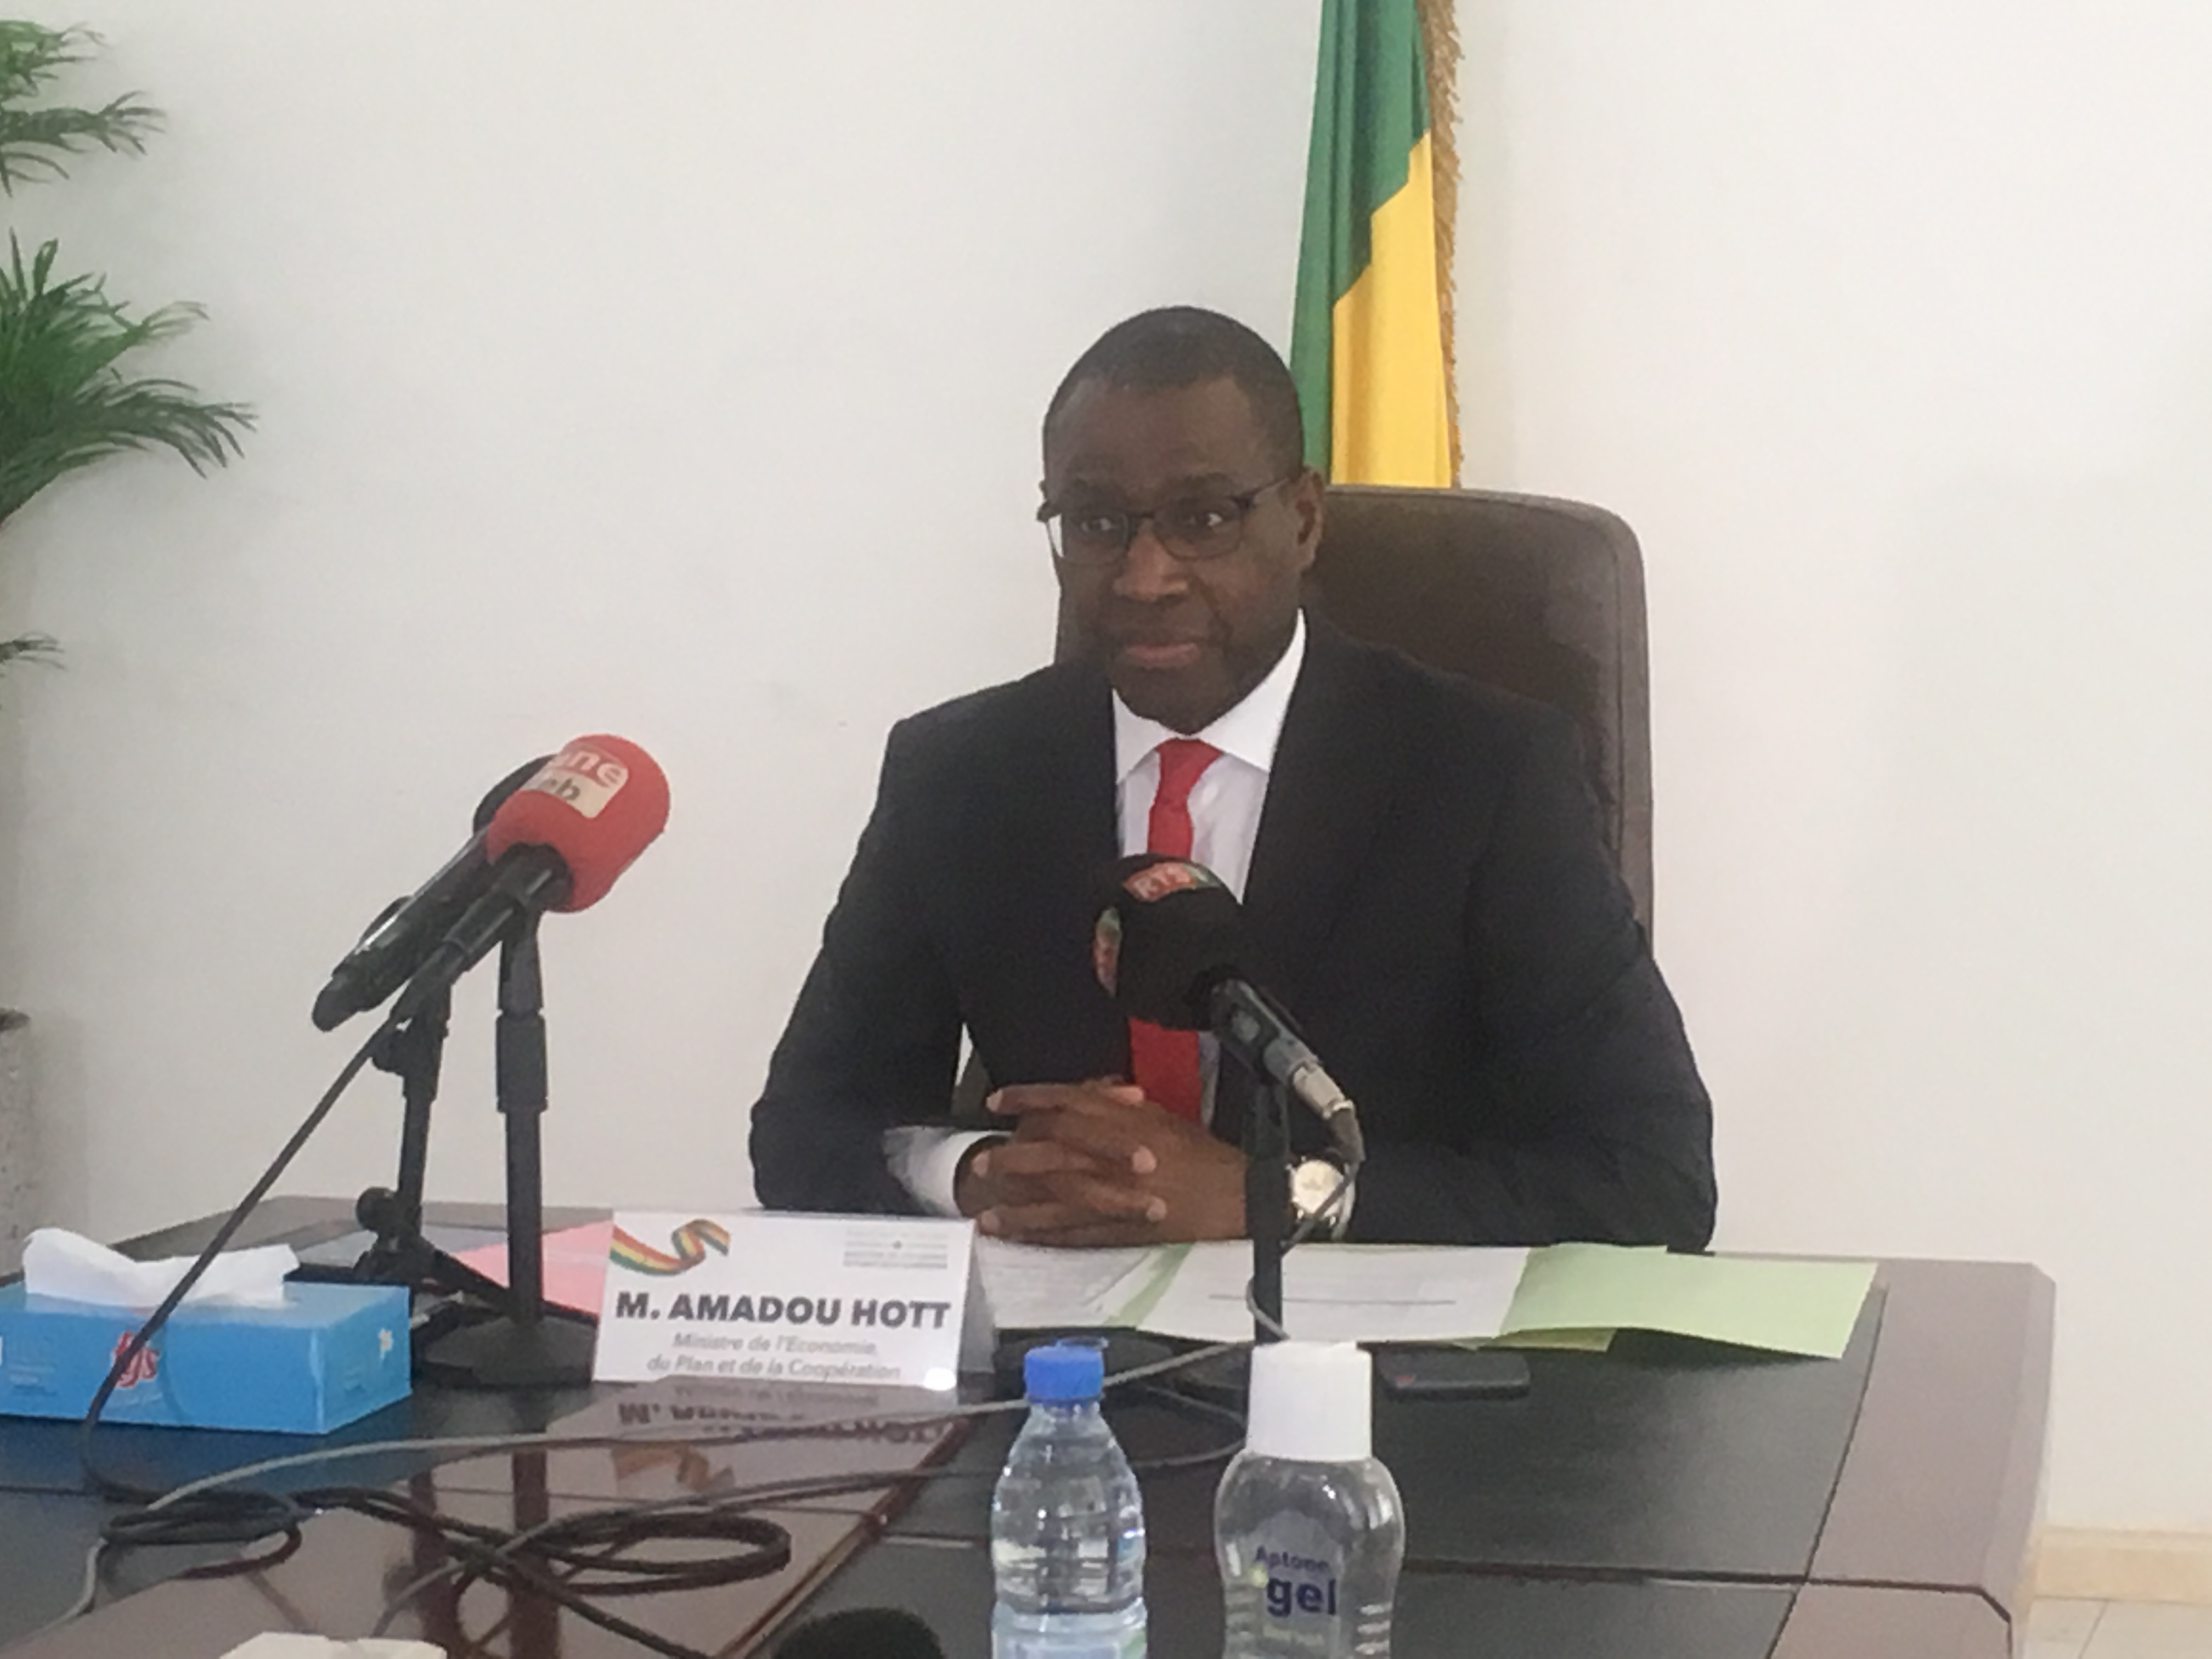 Revue annuelle conjointe : 45 millions d'Euros soit plus de 29 milliards FCFA investis à travers la coopération entre le Sénégal et l'Italie.